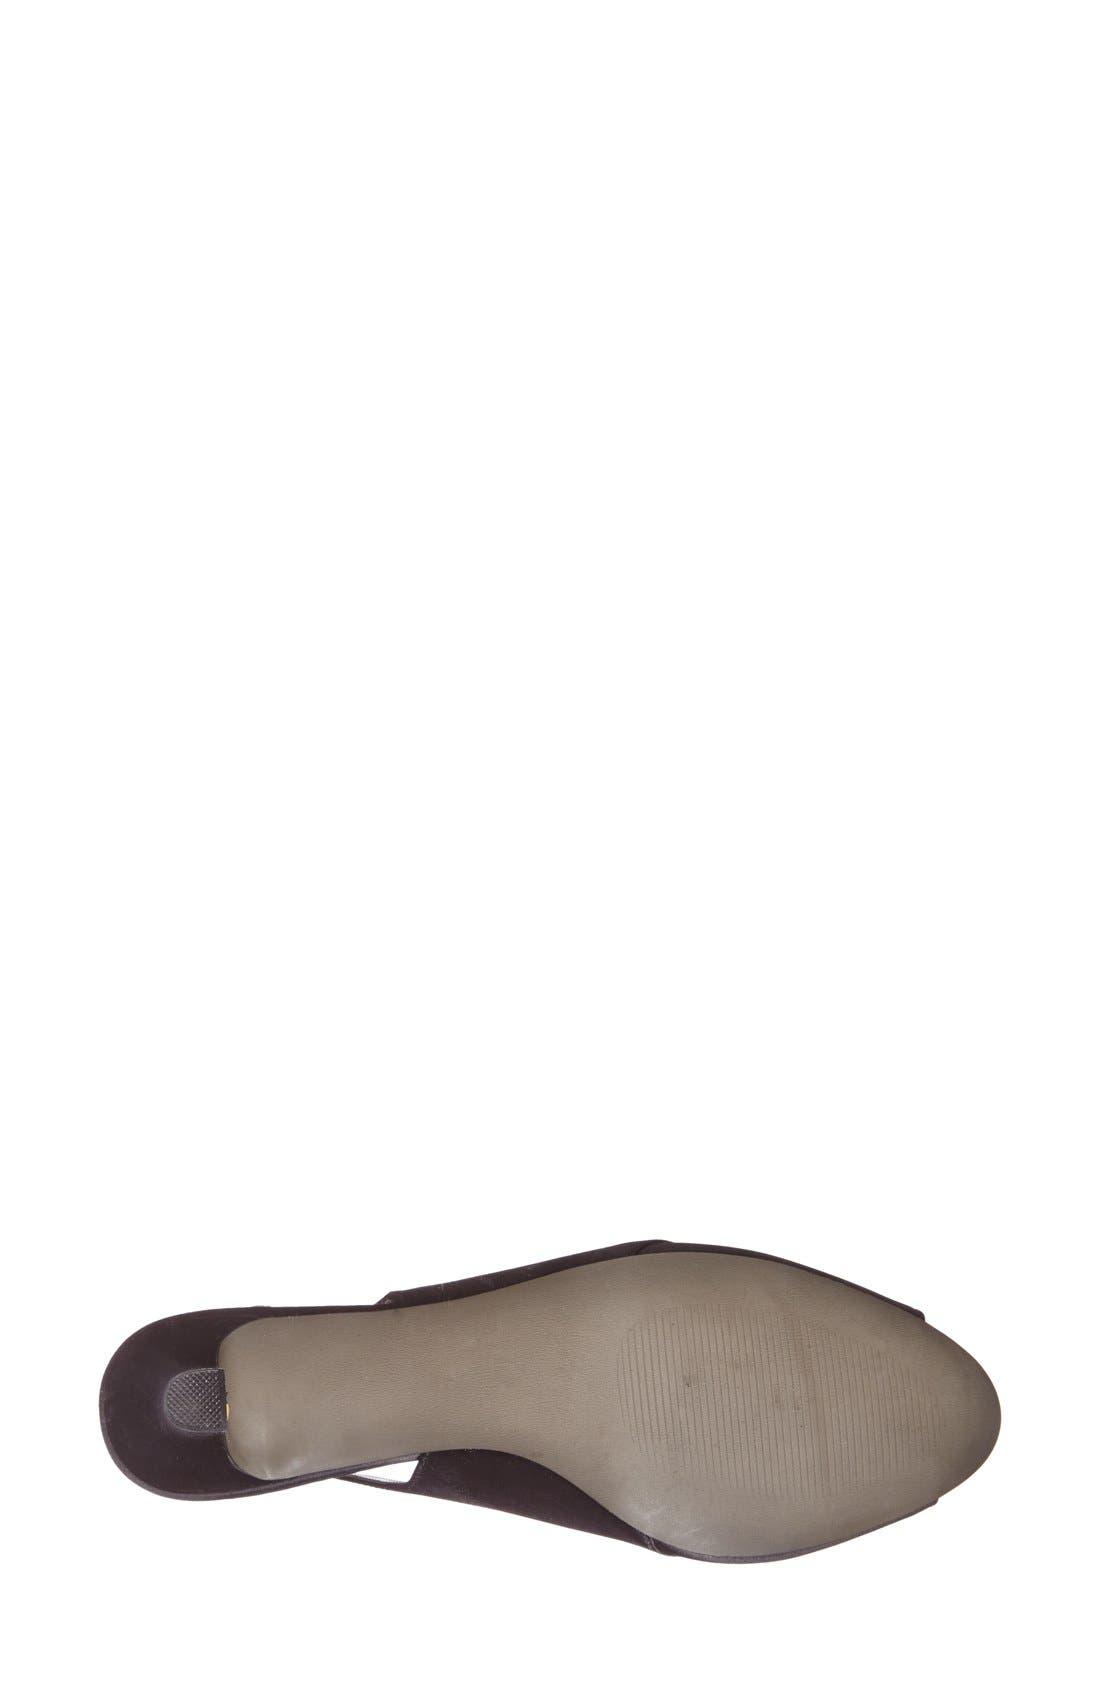 'Palm' Slingback Satin Sandal,                             Alternate thumbnail 4, color,                             001